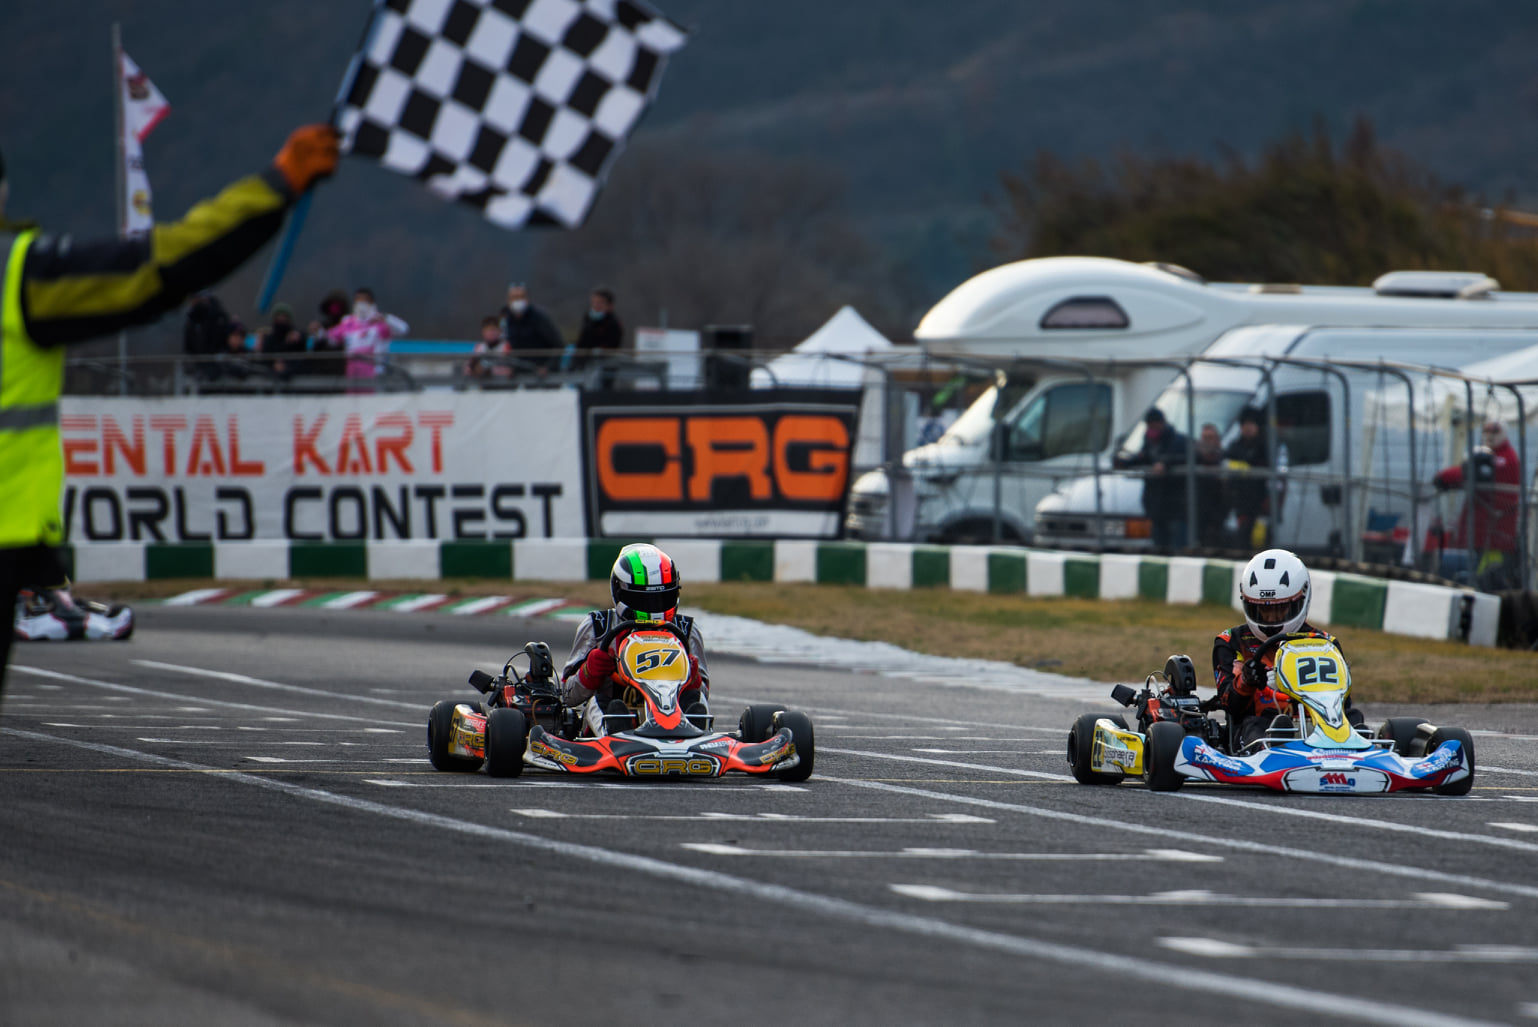 Zena Karting campione 2020 nella classifica Team